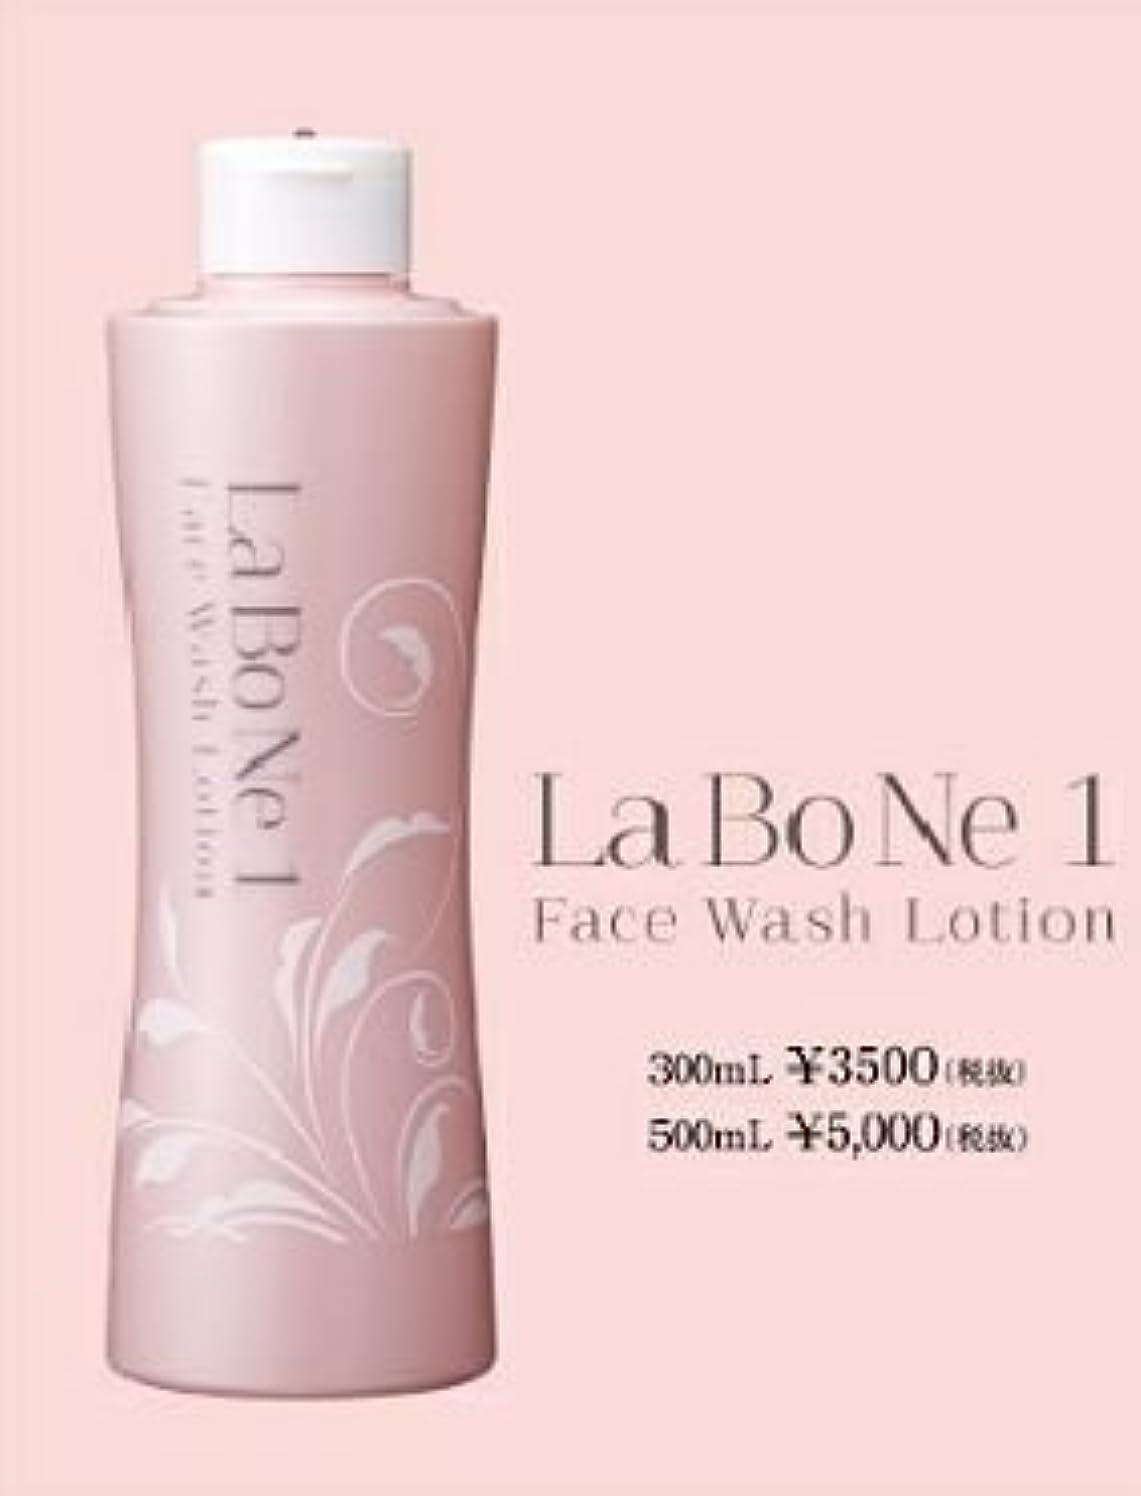 メナジェリー無実実験「LaBoNe1」ラボネ1 (300ml) 塗るから洗うへ。新発想の美容液 化粧水 クリーム コスメ メンズコスメ スキンケア 毛穴 エステ 業務用